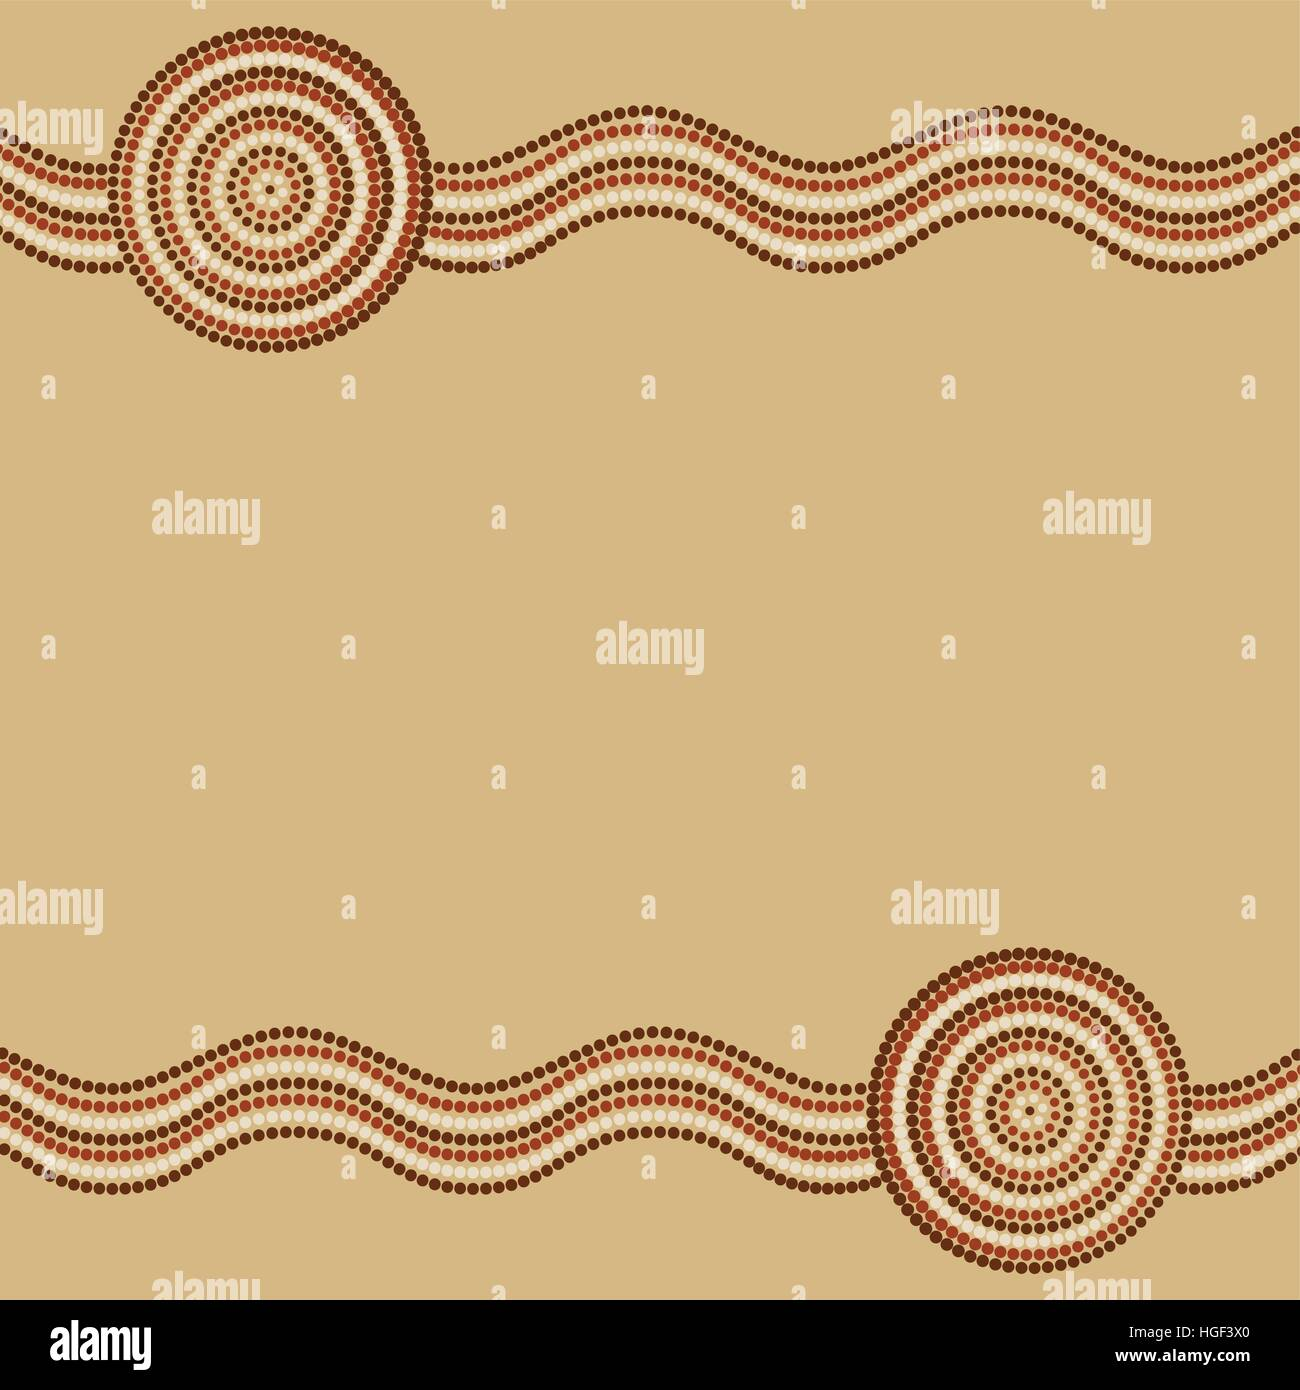 Australian Aboriginal Art Background In Vector Format